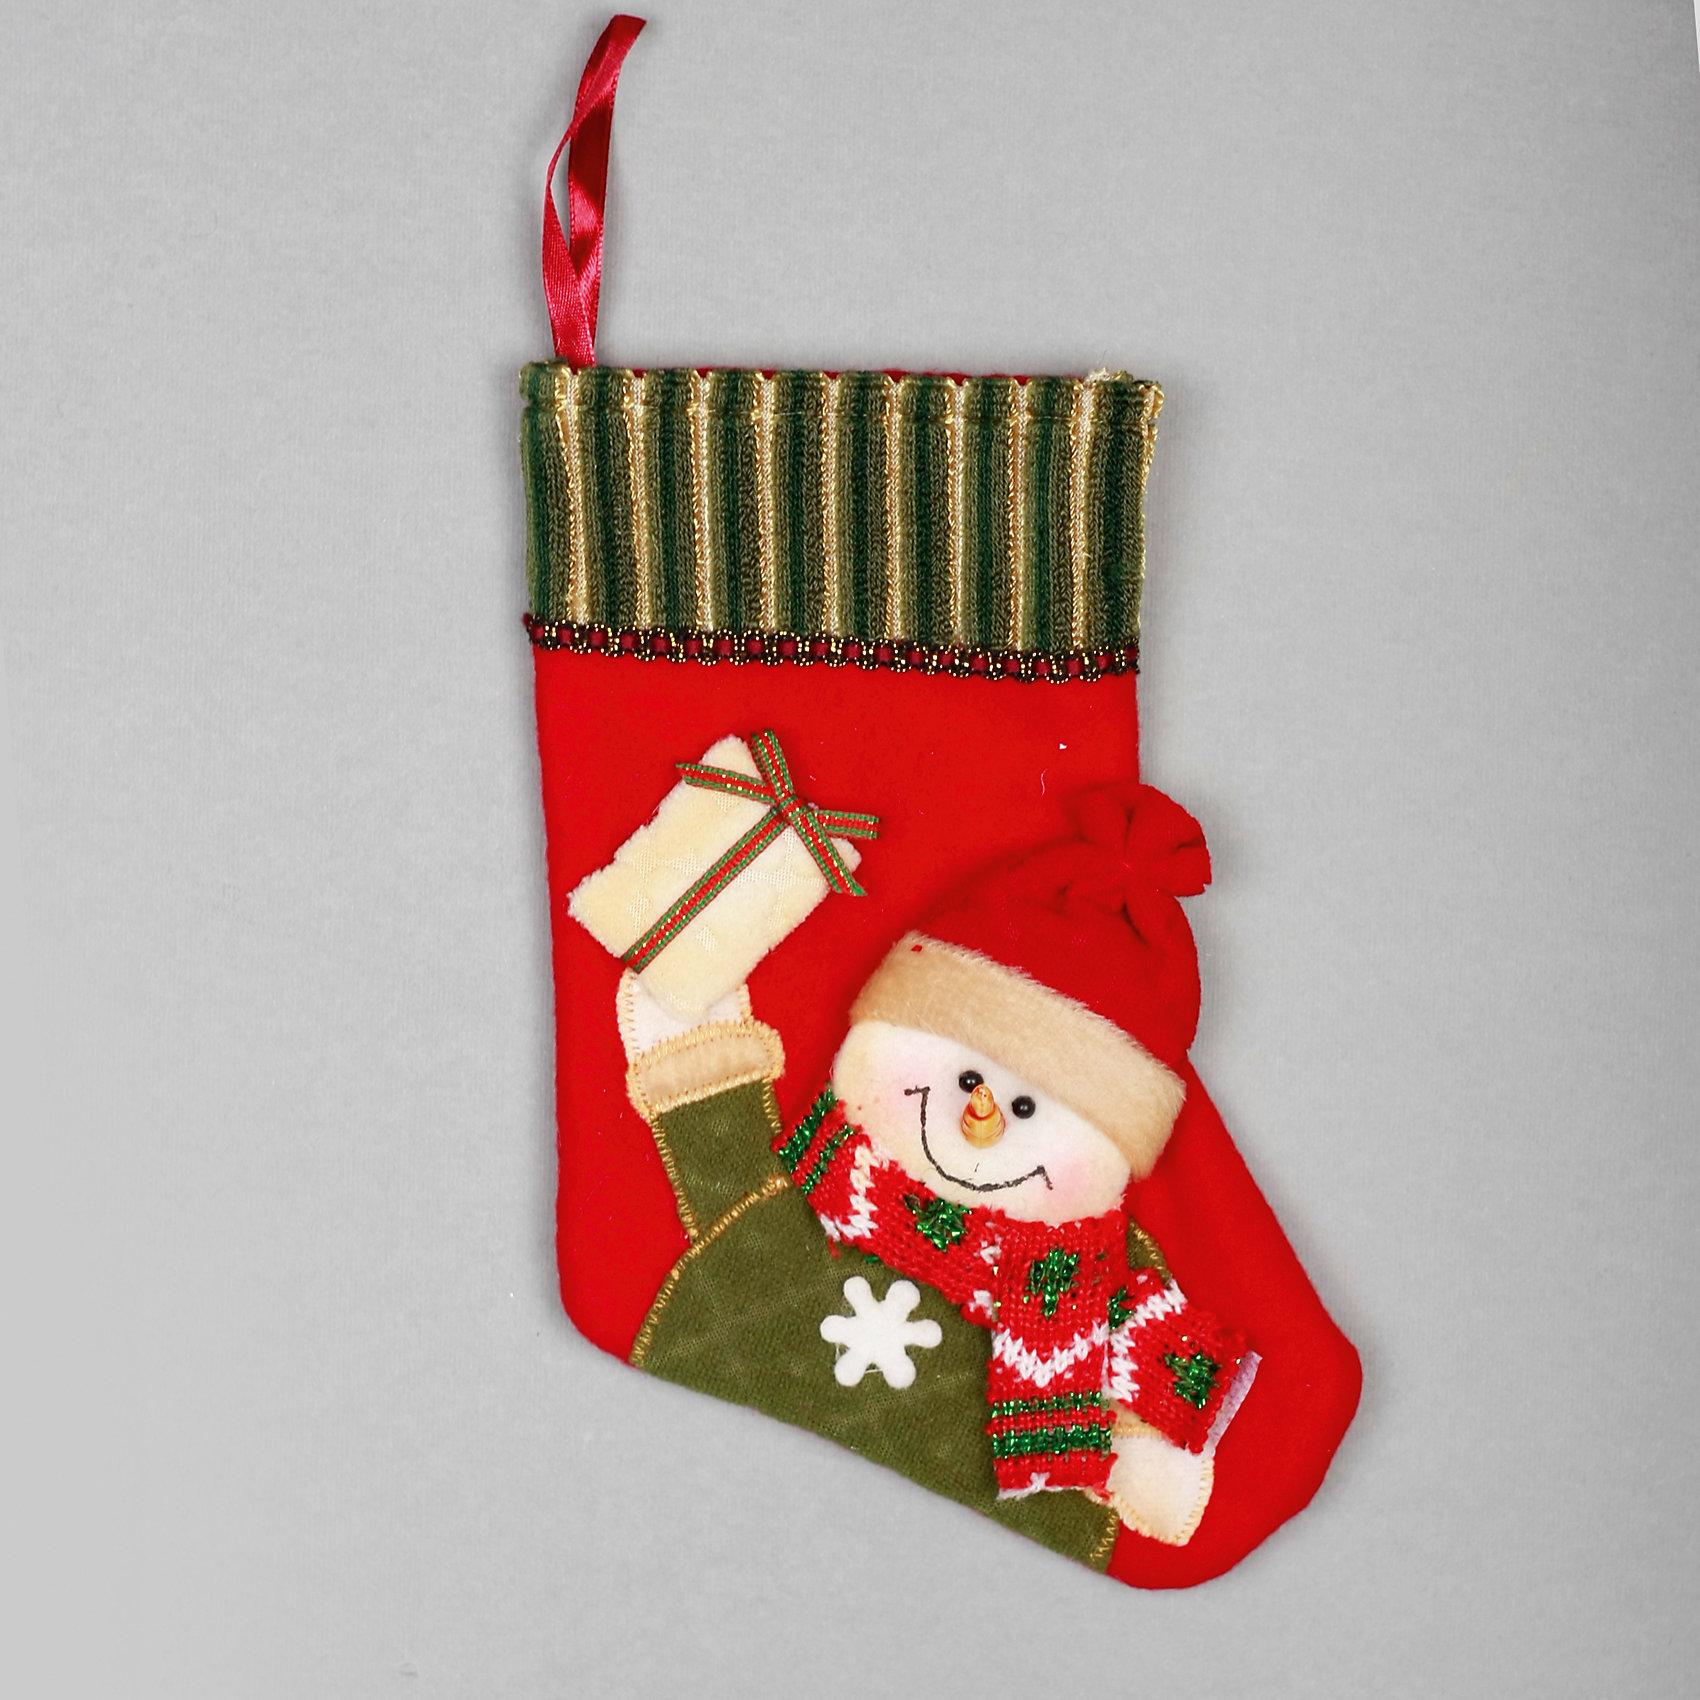 Украшение Носок со снеговиком и подарком 23 смУкрашение Носок со снеговиком и подарком, Феникс-презент, замечательно украсит Вашу новогоднюю елку или интерьер и создаст праздничное новогоднее настроение. Украшение из мягких текстильных материалов выполнено в виде красного рождественского носка и оформлено<br>симпатичной аппликацией с веселым снеговиком, держащим подарок. Благодаря специальной петельке его можно повесить в любом понравившемся Вам месте.<br><br><br>Дополнительная информация:<br><br>- Материал: полиэстер.<br>- Размер украшения: 23 см.<br>- Размер упаковки: 23 х 17 х 2 см.<br>- Вес: 30 гр.<br><br>Украшение Носок со снеговиком и подарком, Феникс-презент, можно купить в нашем интернет-магазине.<br><br>Ширина мм: 230<br>Глубина мм: 200<br>Высота мм: 30<br>Вес г: 100<br>Возраст от месяцев: 36<br>Возраст до месяцев: 2147483647<br>Пол: Унисекс<br>Возраст: Детский<br>SKU: 4274735